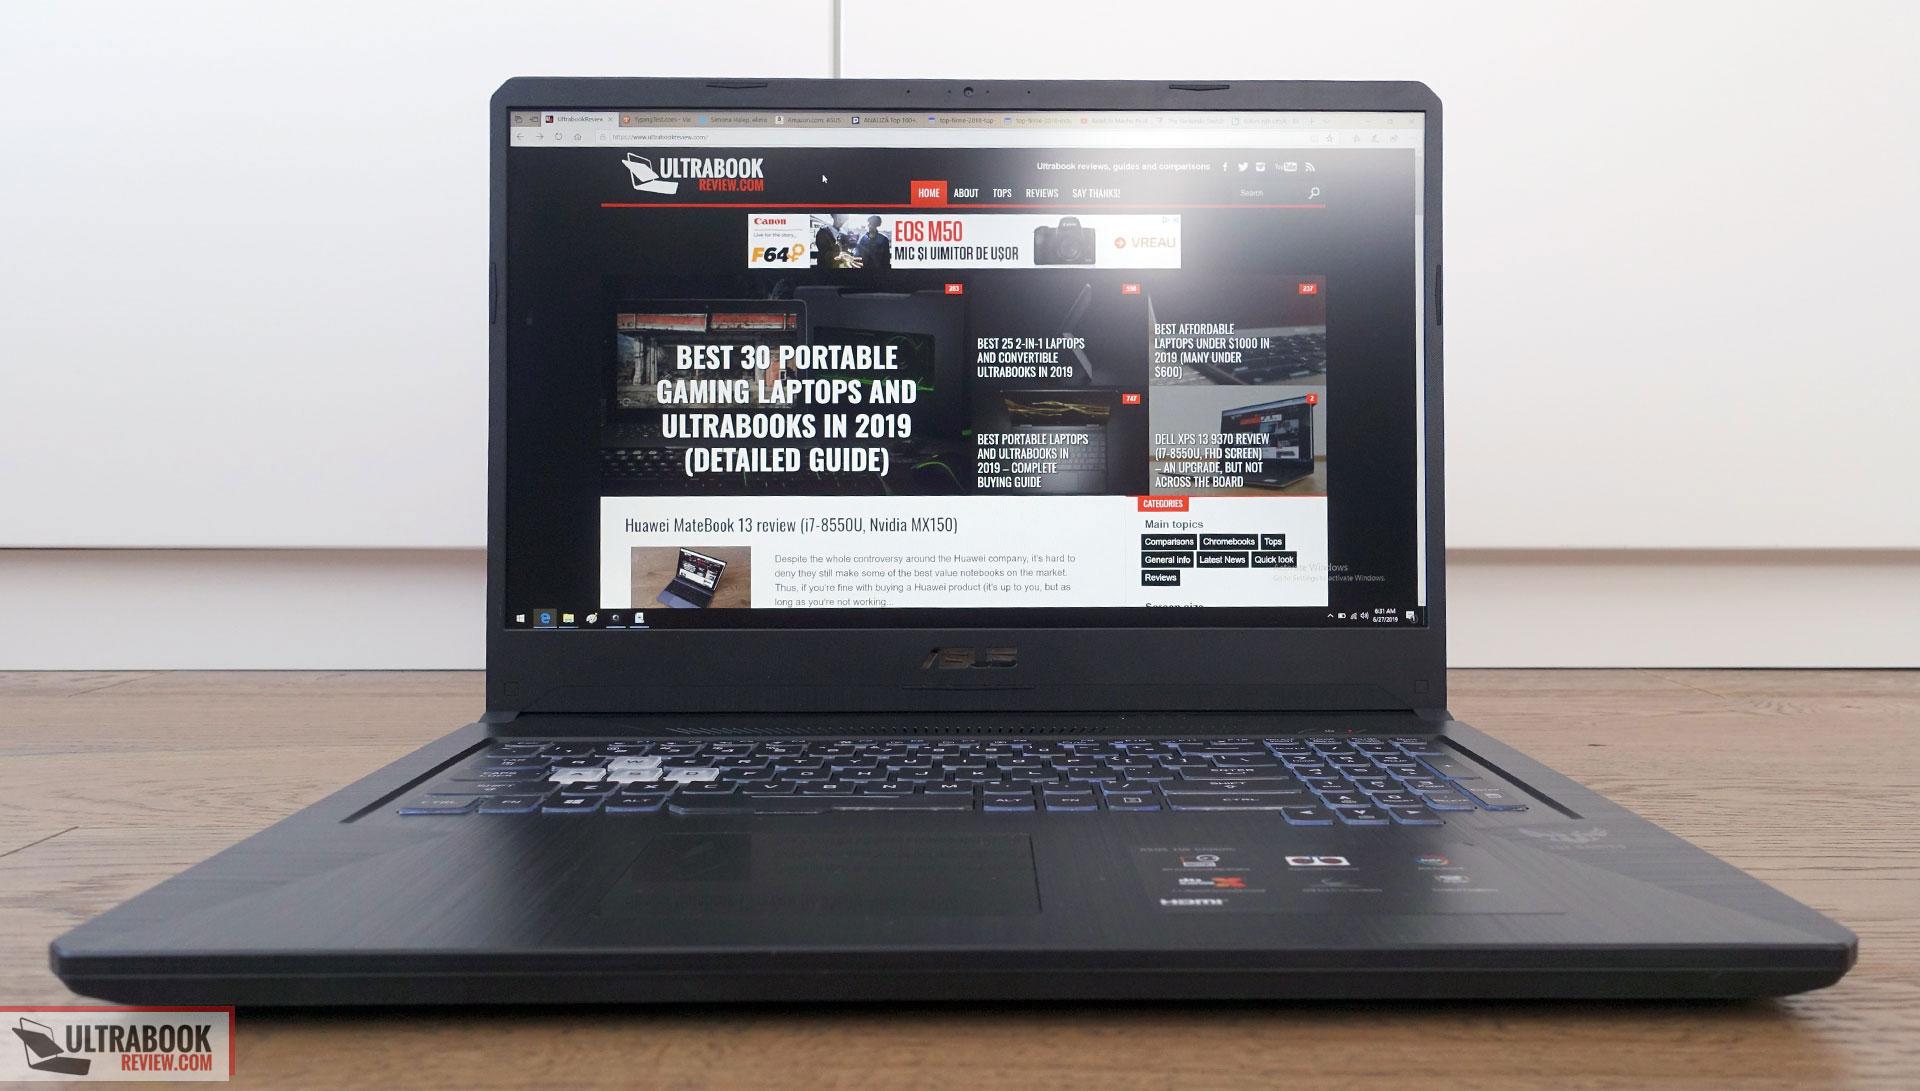 Asus TUF Gaming FX705DU review (Ryzen 7 3750H, GTX 1660Ti